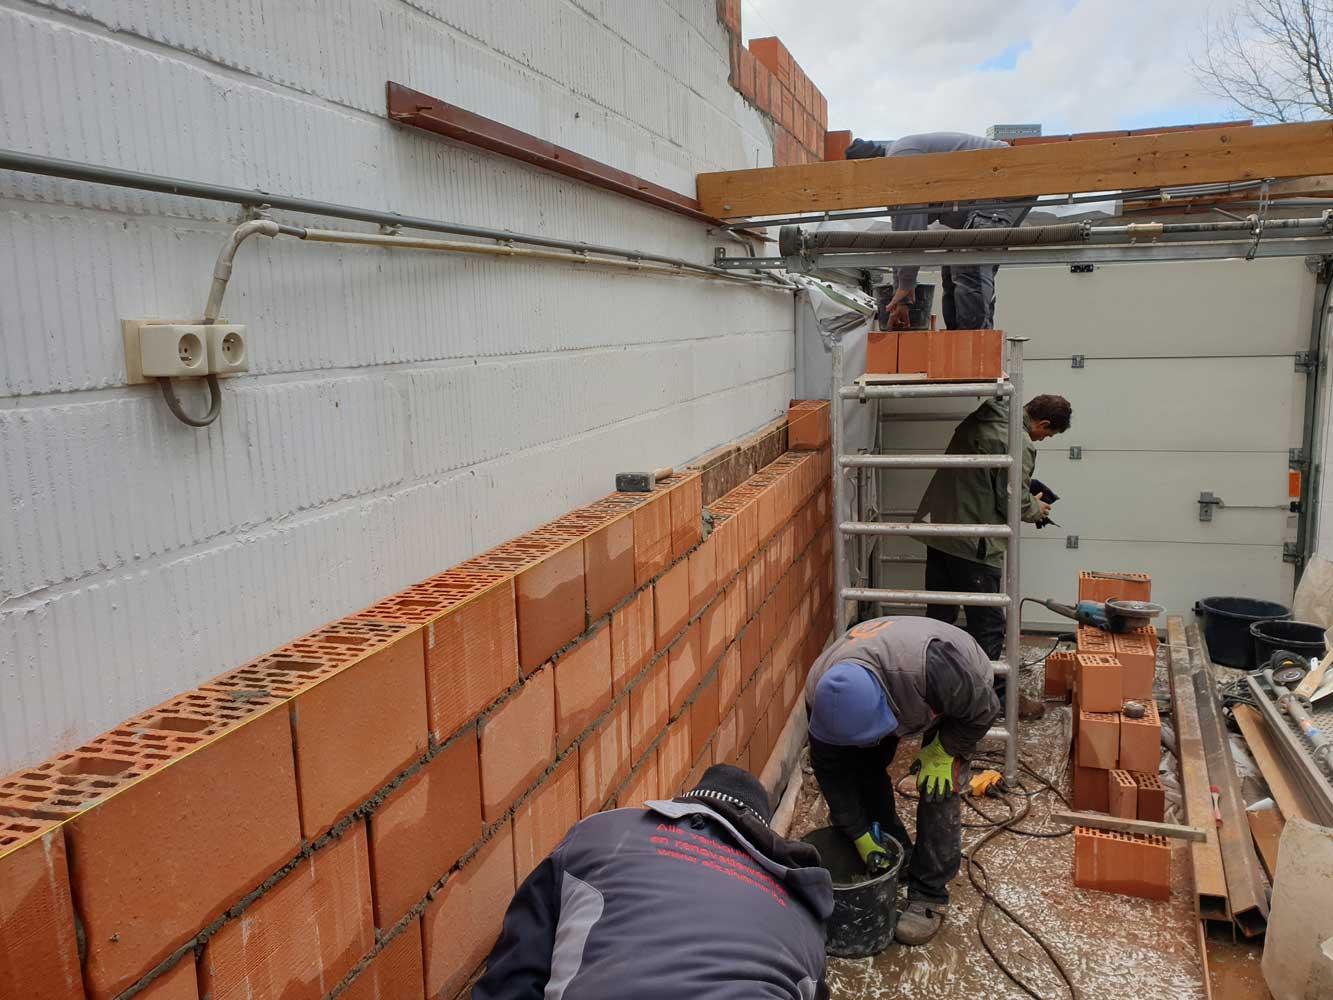 Metselwerken Aannemer verbouwingen en renovaties - Entrepreneur transformations et rénovations